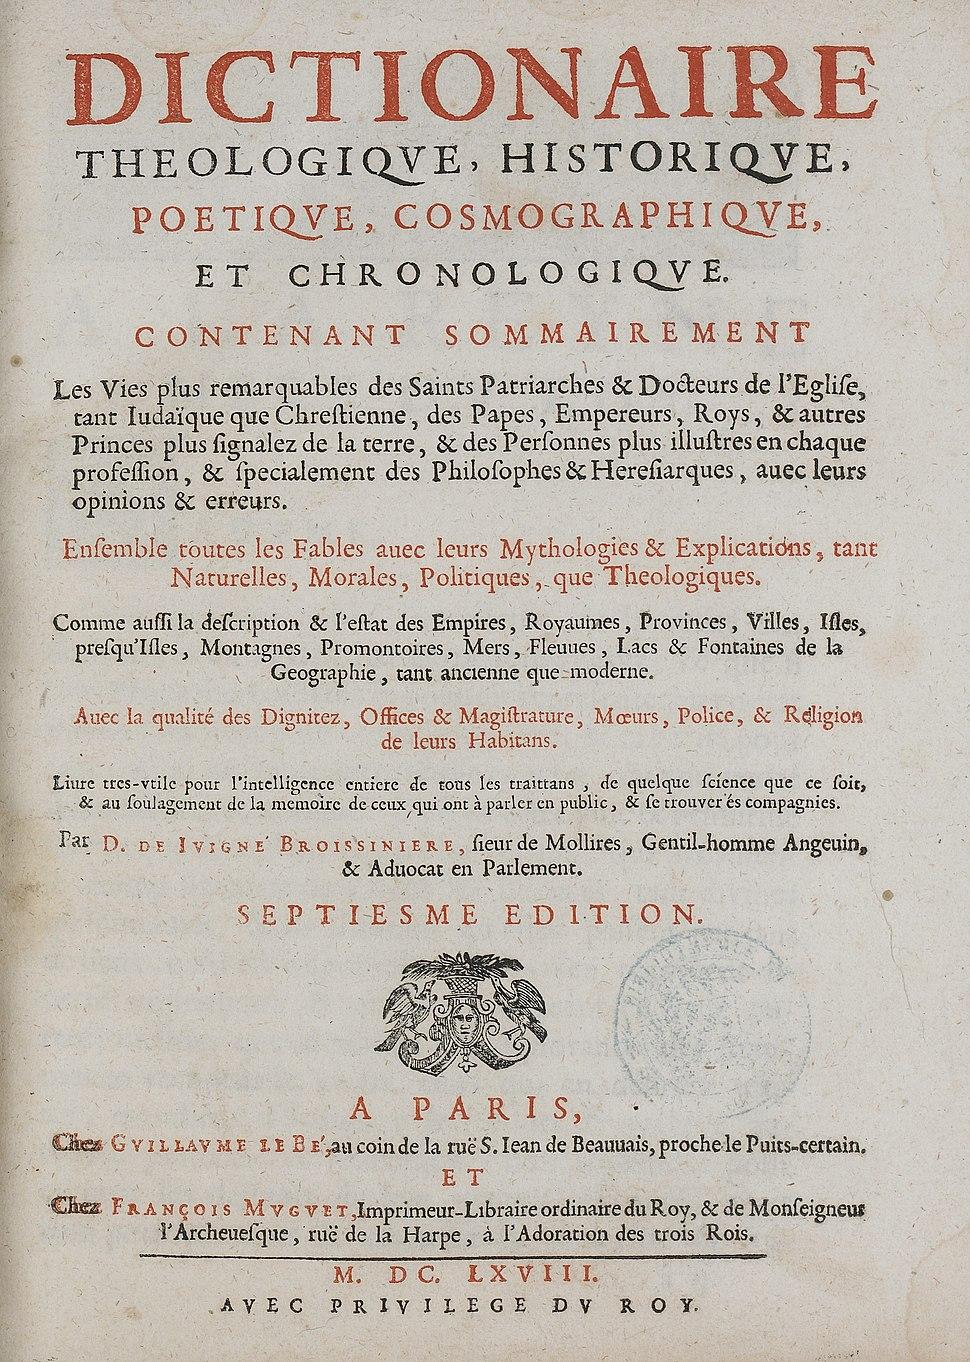 Dictionnaire de Juigné-Broissinière